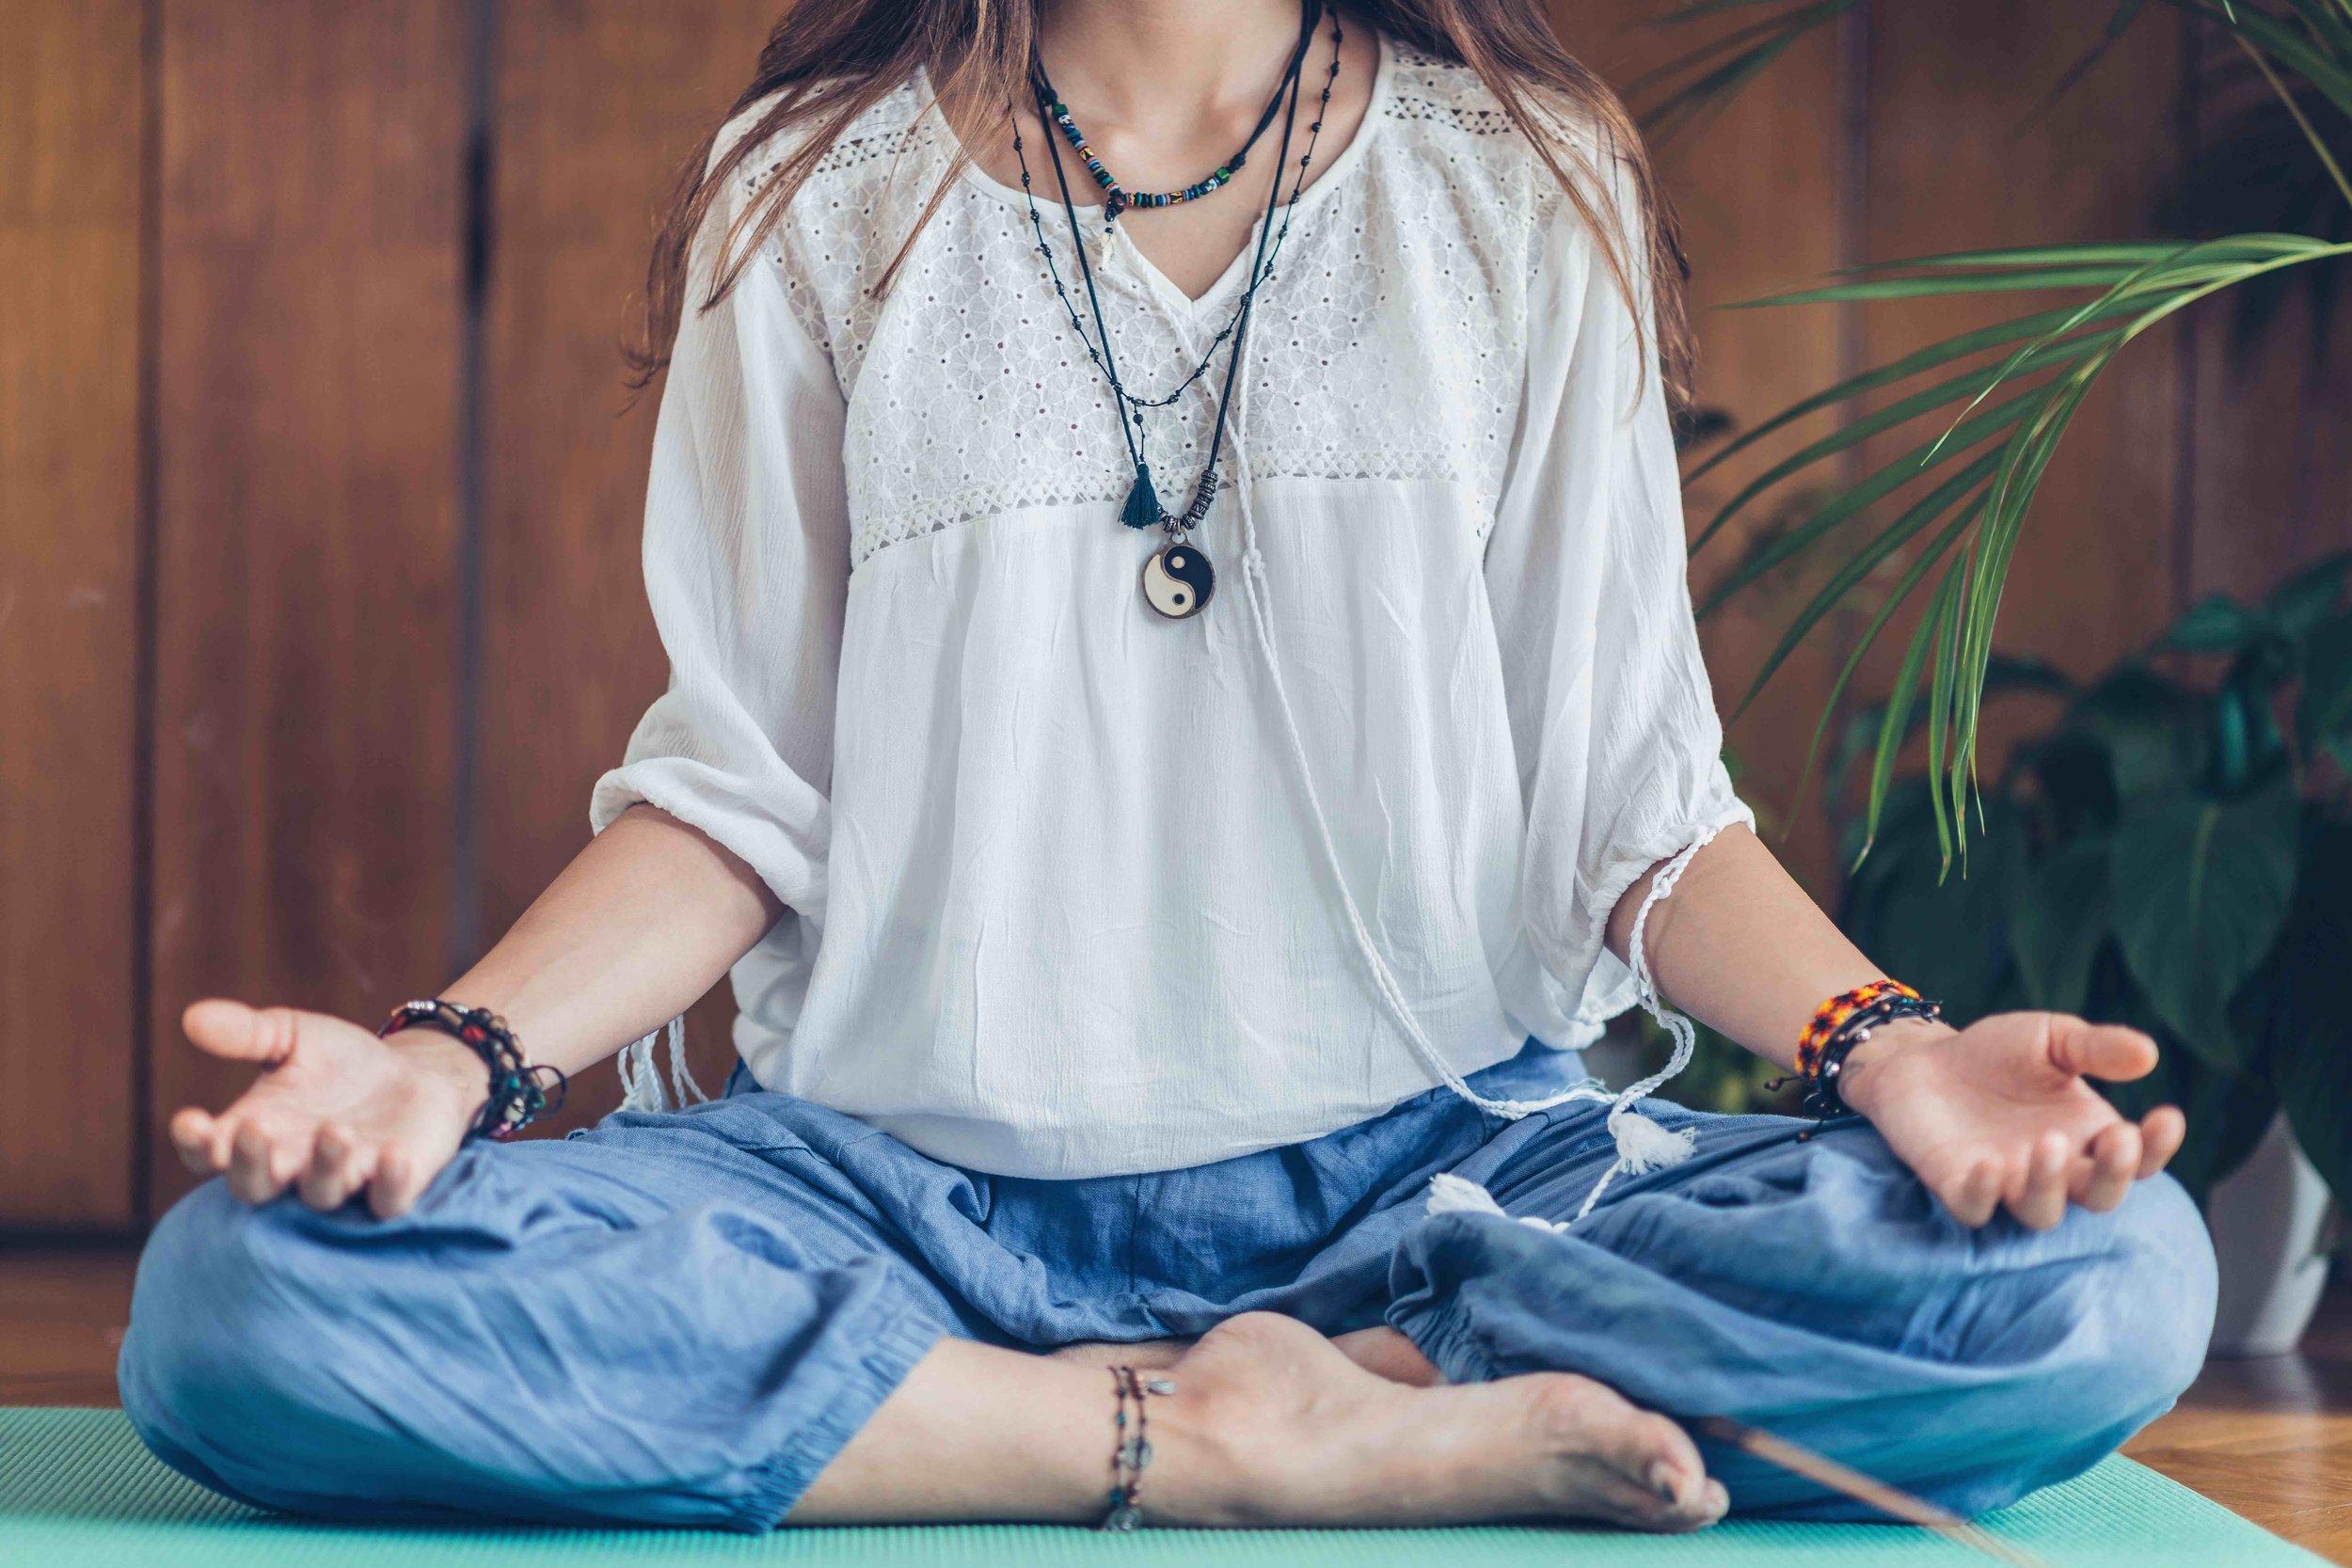 meditation-woman-meditate-at-home-J8C5GMH-small.jpg